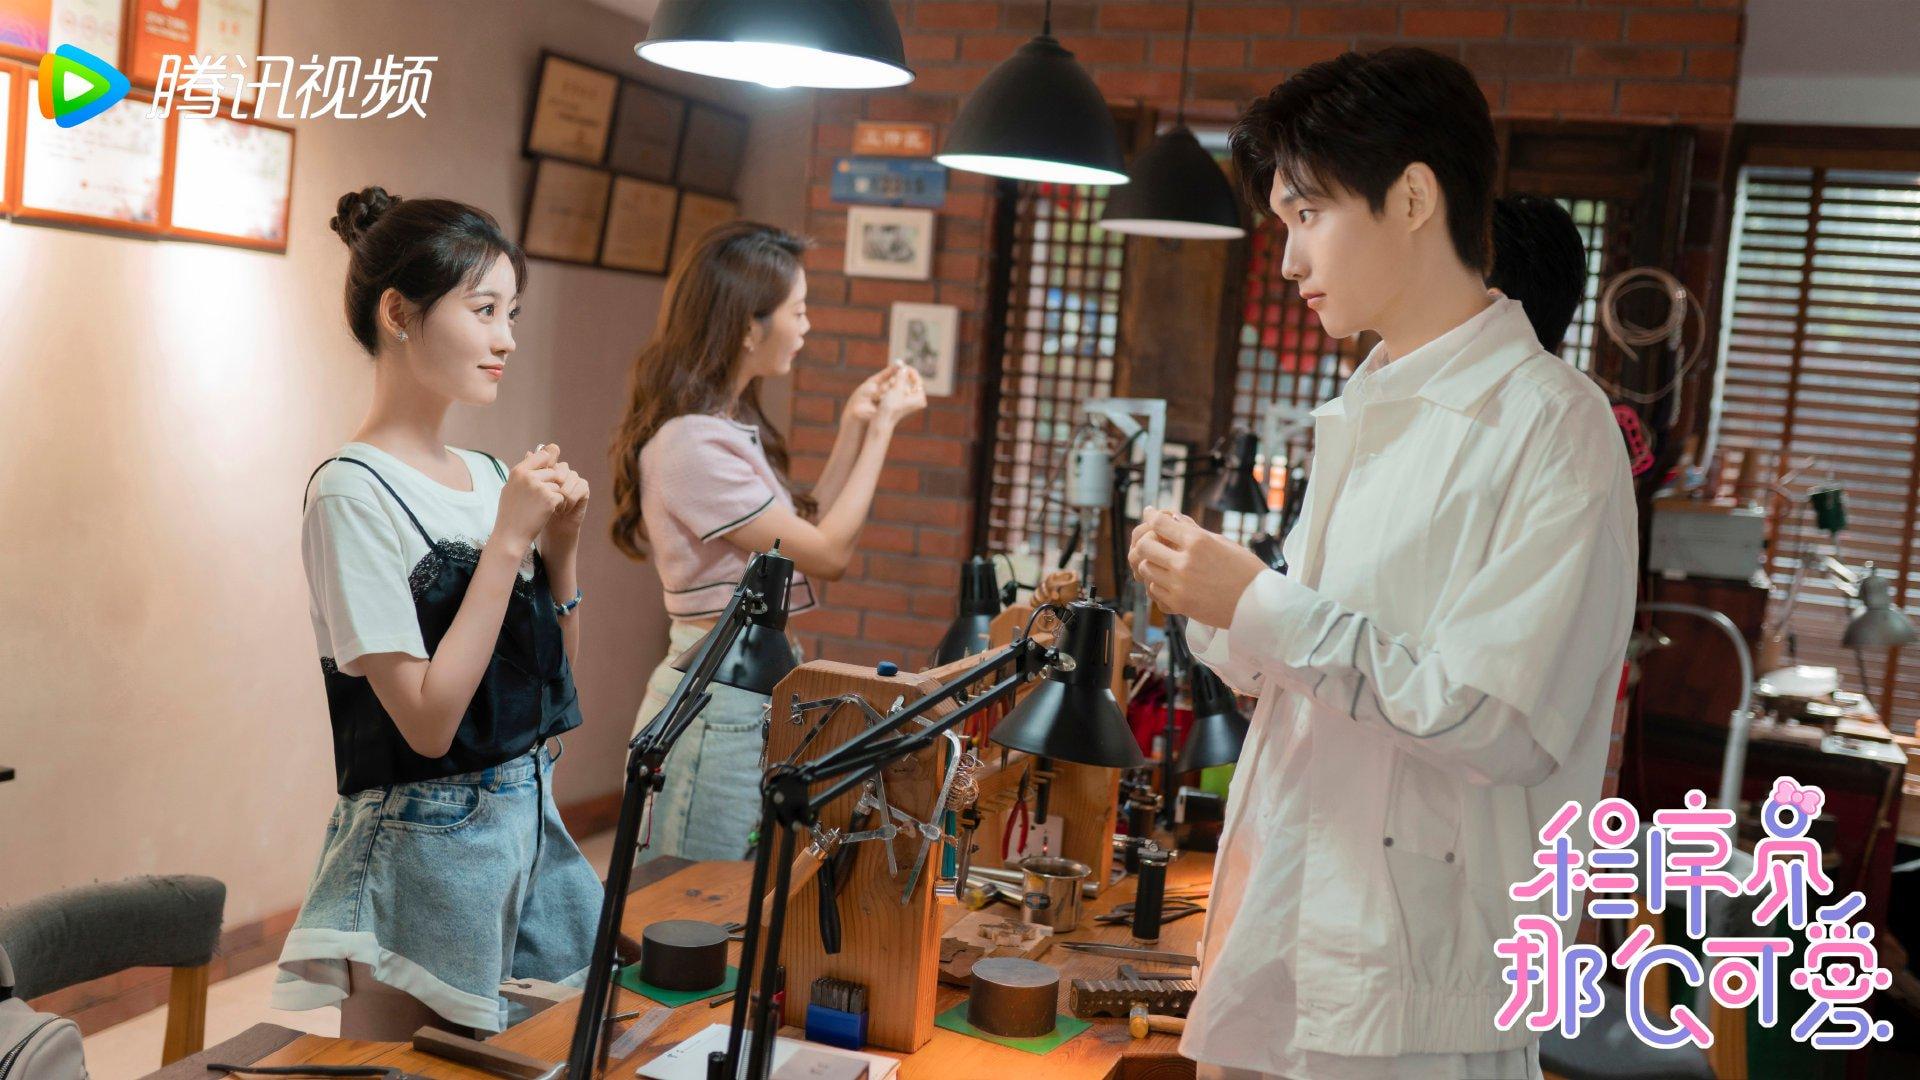 BXH điểm Douban phim tháng 9: 'Rác phẩm' của Triệu Lộ Tư đè bẹp tận 2 dự án, Nhậm Gia Luân - Bạch Lộc 'xì hơi' 6